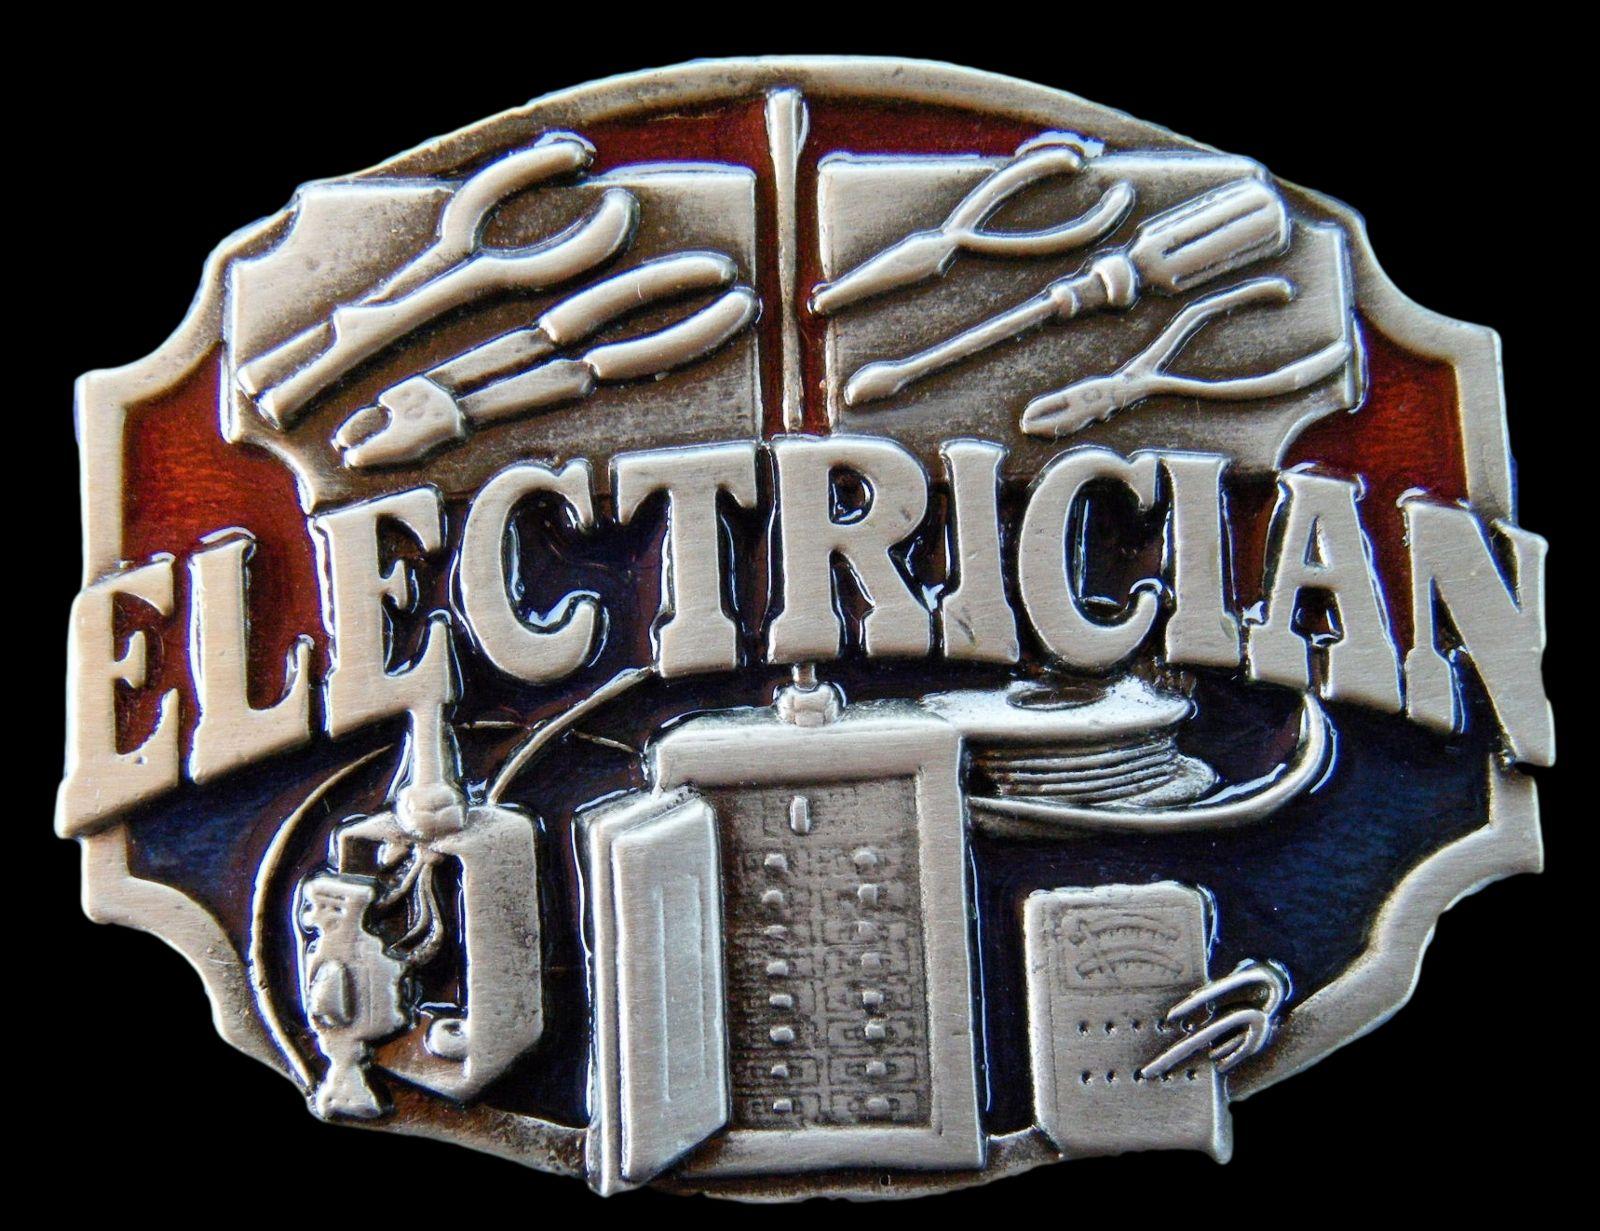 Buckle Electrician électricien boucle de ceinture électricien